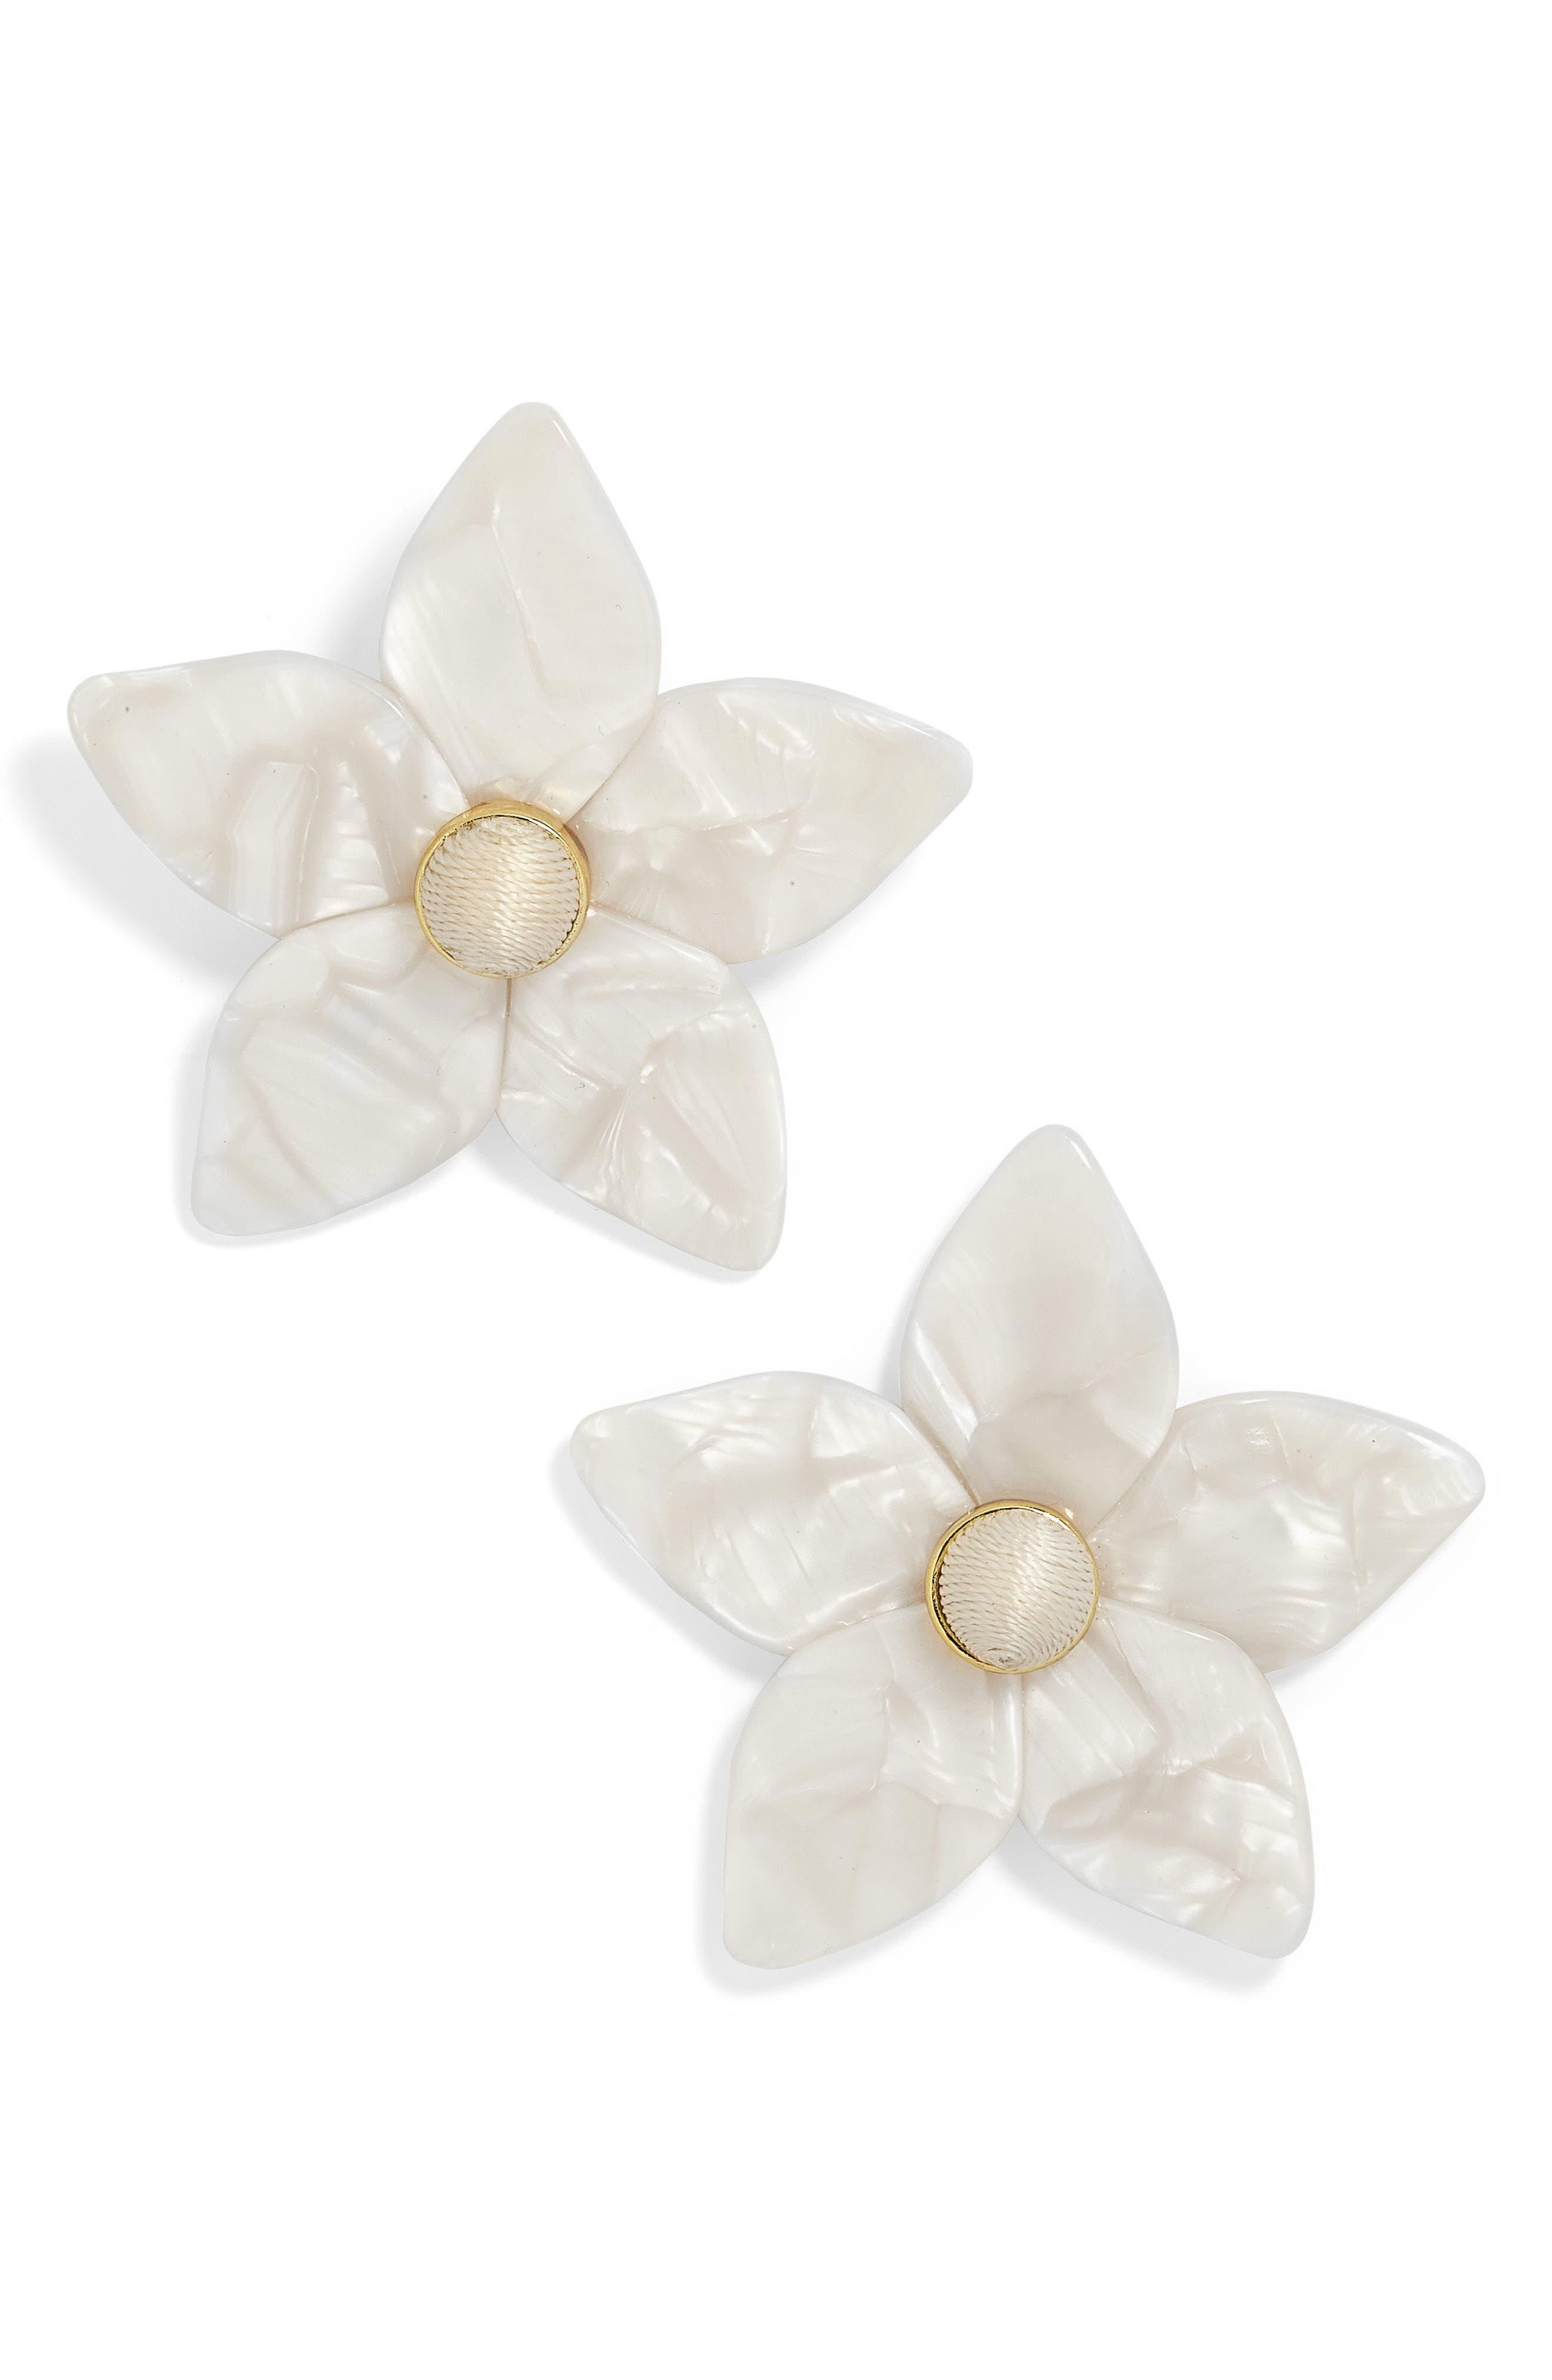 Amariella Acrylic Flower Stud Earrings,                             Main thumbnail 1, color,                             White